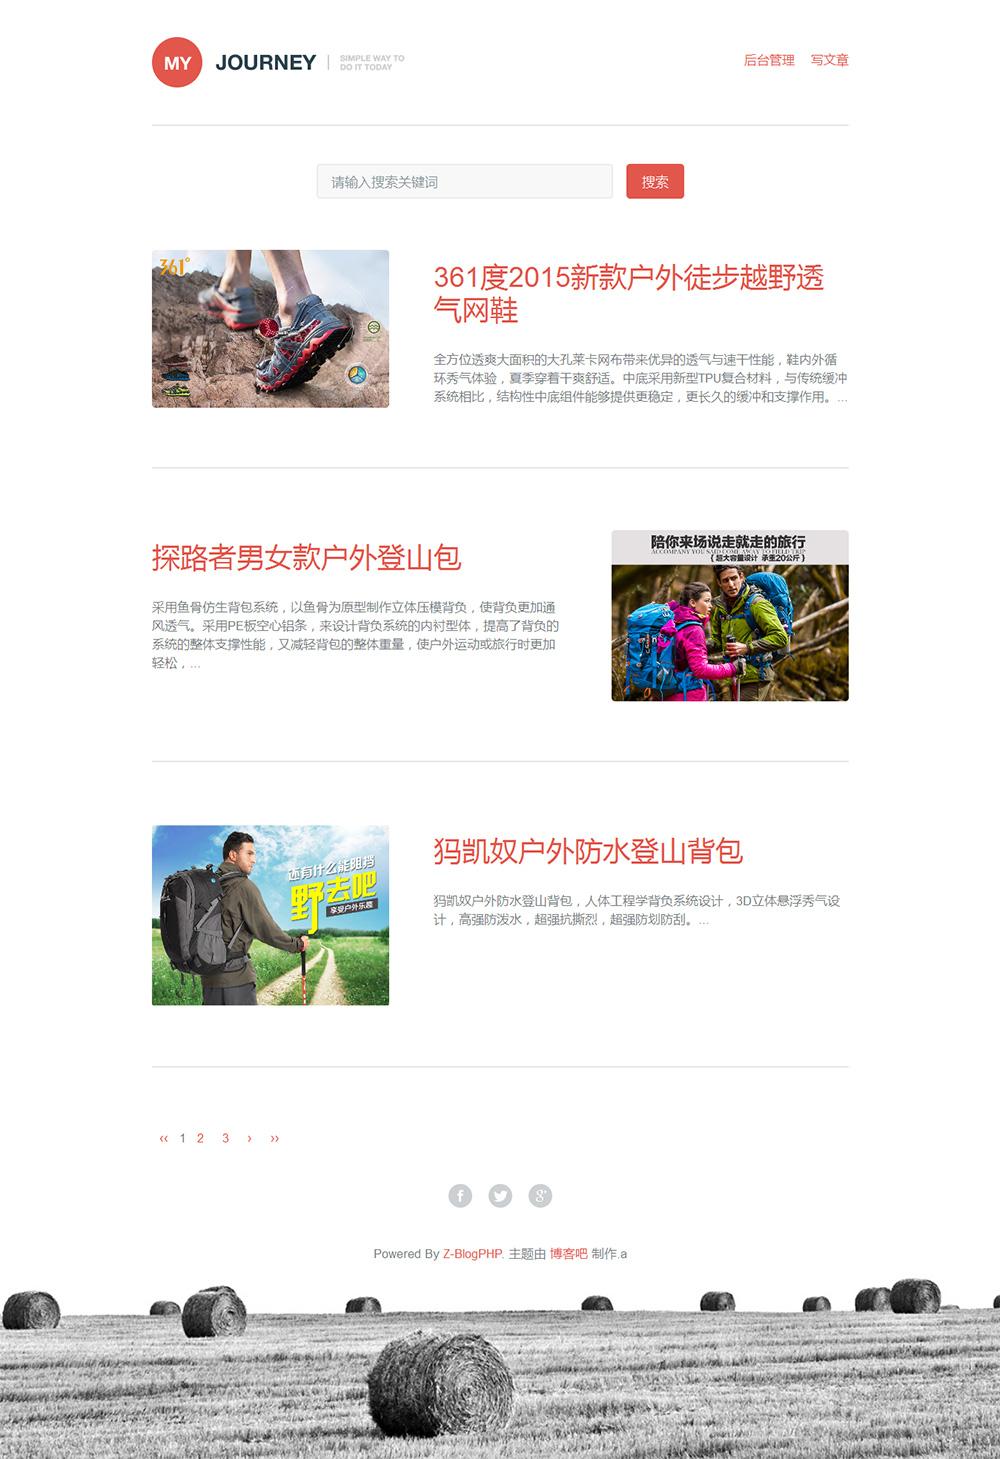 响应式zblog php单栏博客主题journey